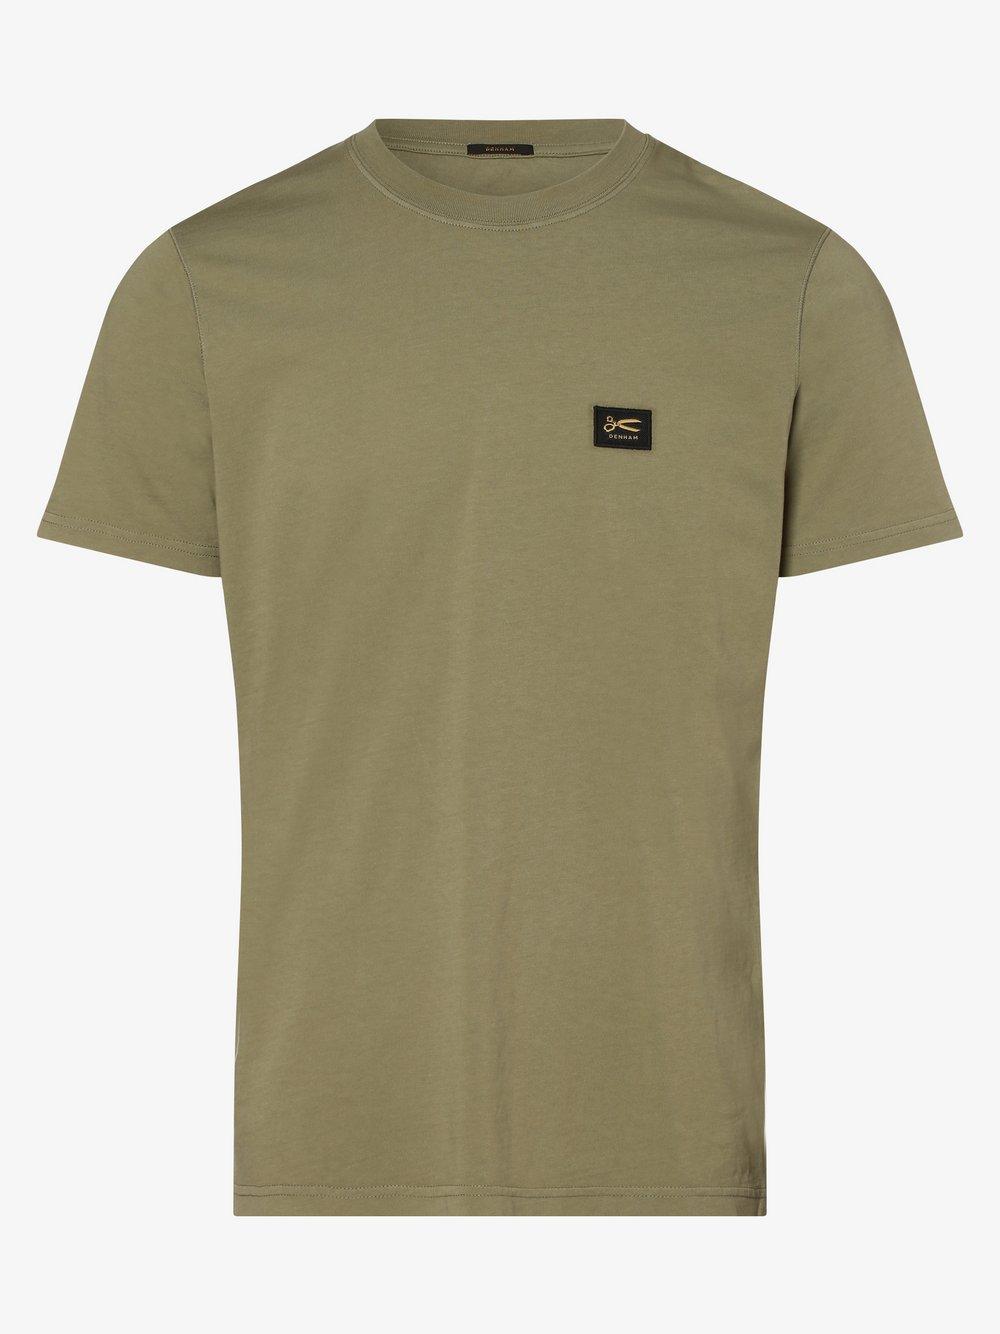 DENHAM – T-shirt męski, niebieski Van Graaf 473195-0001-09920